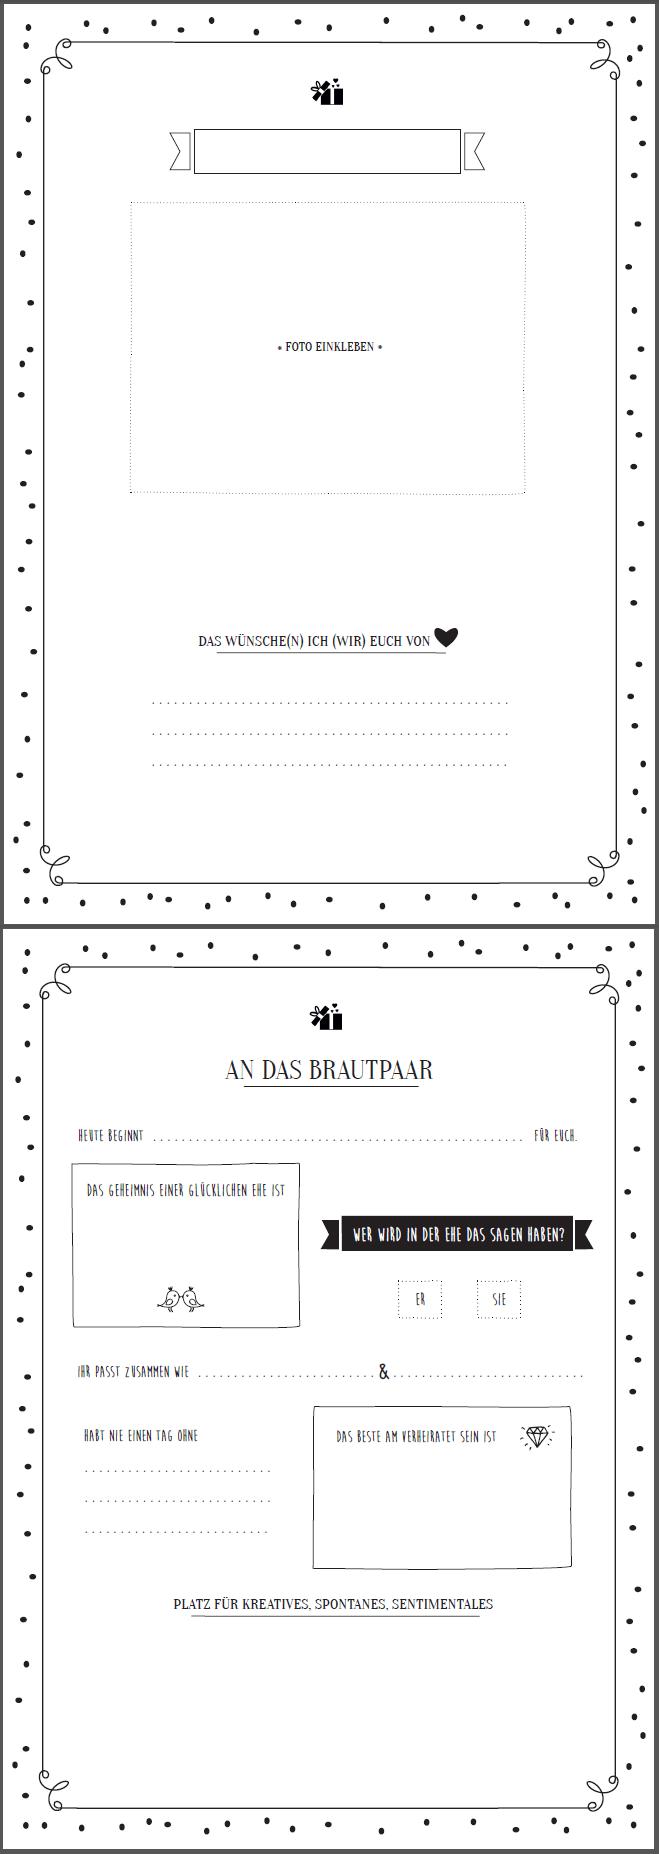 Tolle Gastebuch Vorlage Zum Ausfullen Gratis Download Hochzeitskiste Gastebuch Ideen Ideen Fur Die Hochzeit Gastebuch Hochzeit